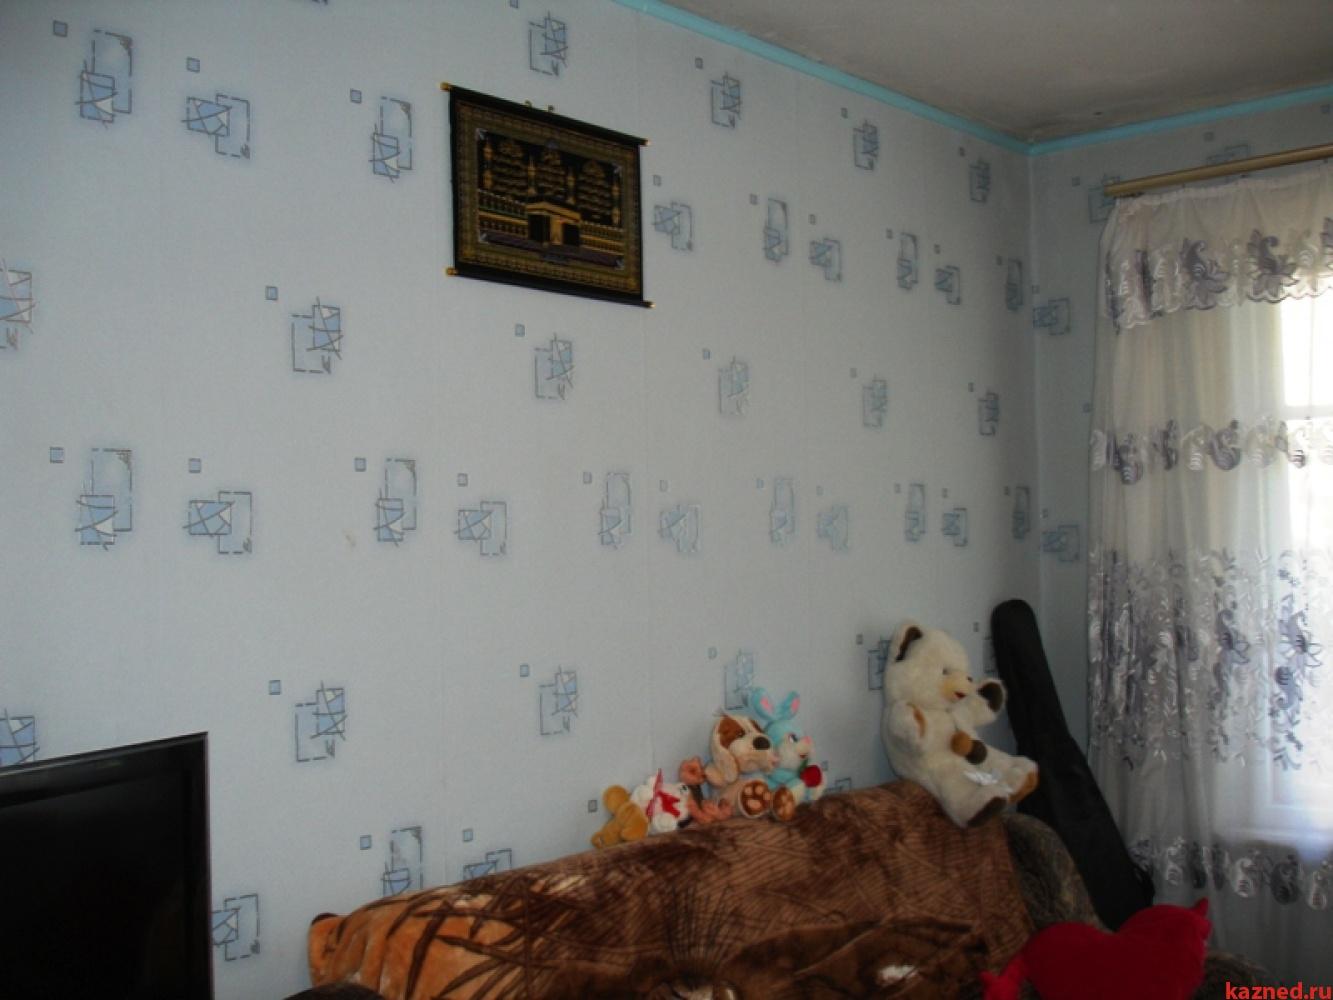 Продажа 1-к квартиры Ново-Азинская,10, 32 м2  (миниатюра №1)